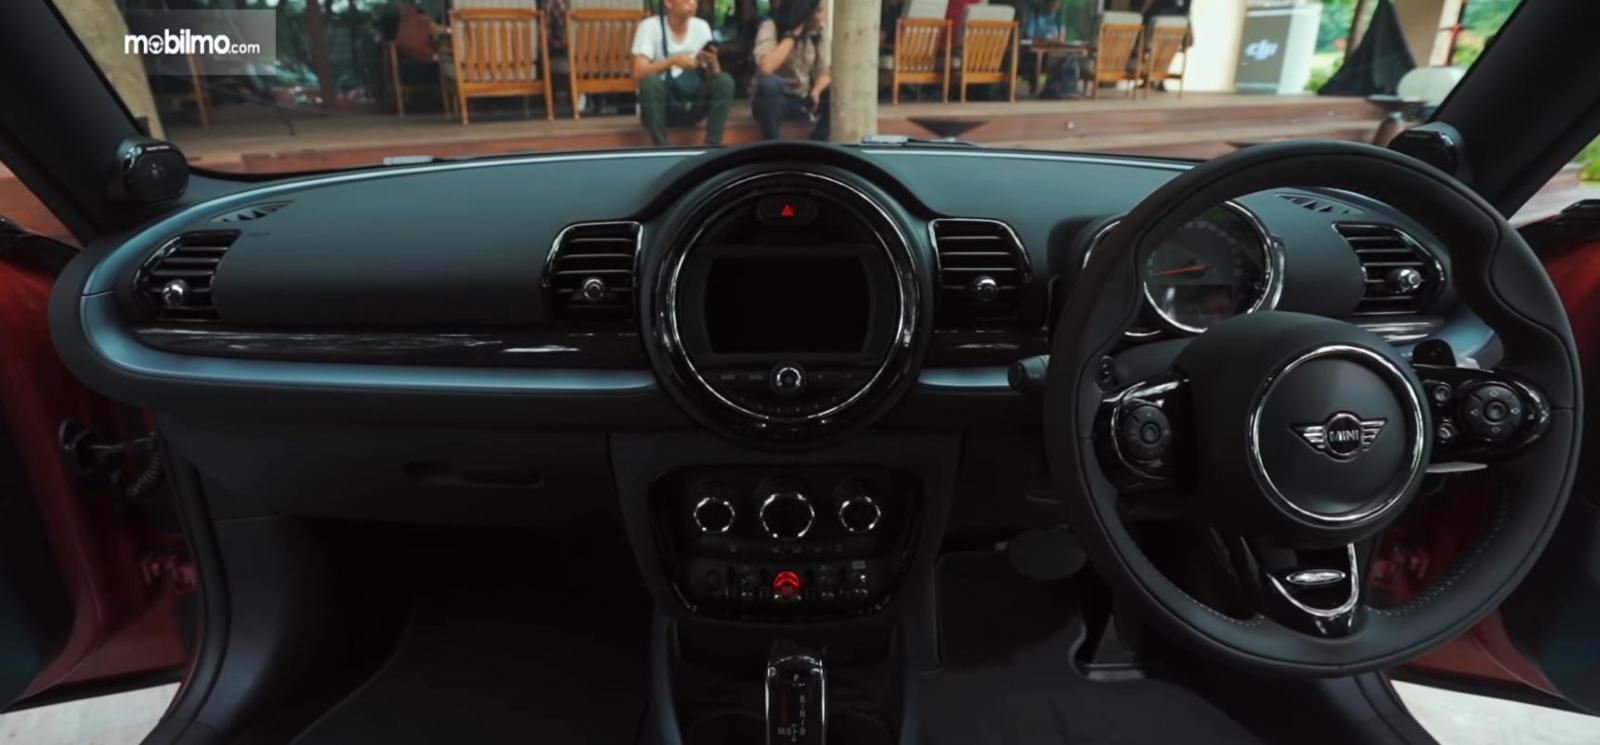 Gambar ini menunjukkan mobil Mini Cooper S Clubman